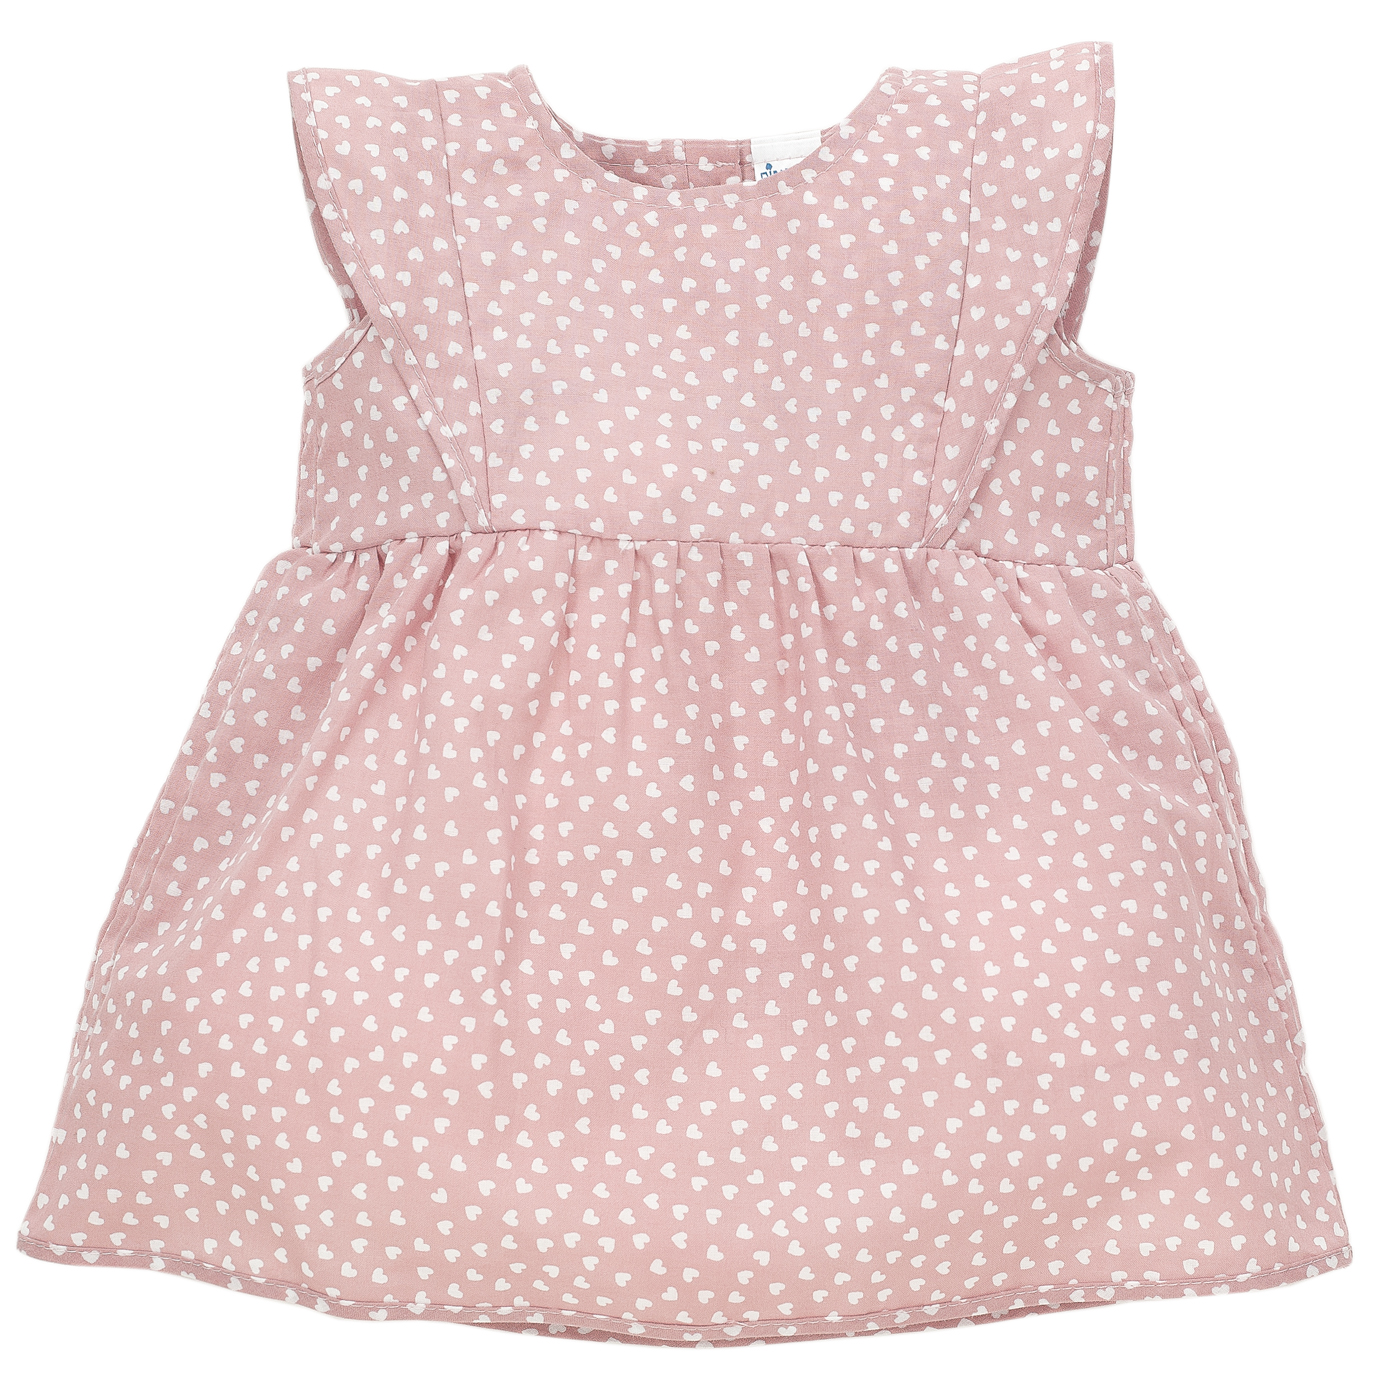 Pinokio Dievčenské šaty so srdiečkami - svetlo ružové 2a4e7581616